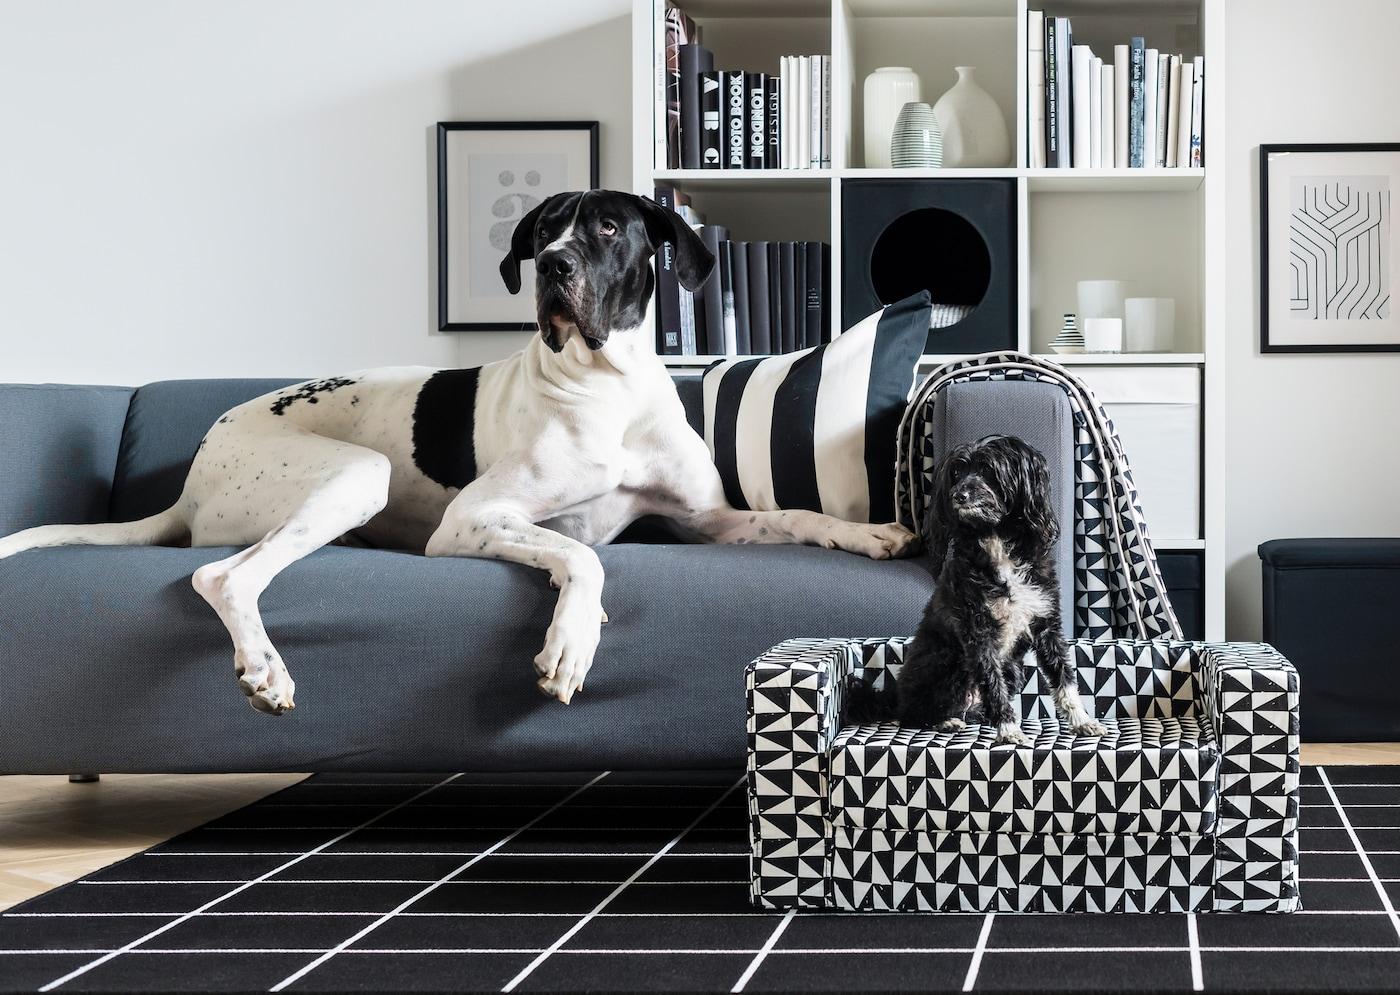 Cuccia Cane Grande Ikea lurvig, la serie dedicata a cani e gatti - ikea it